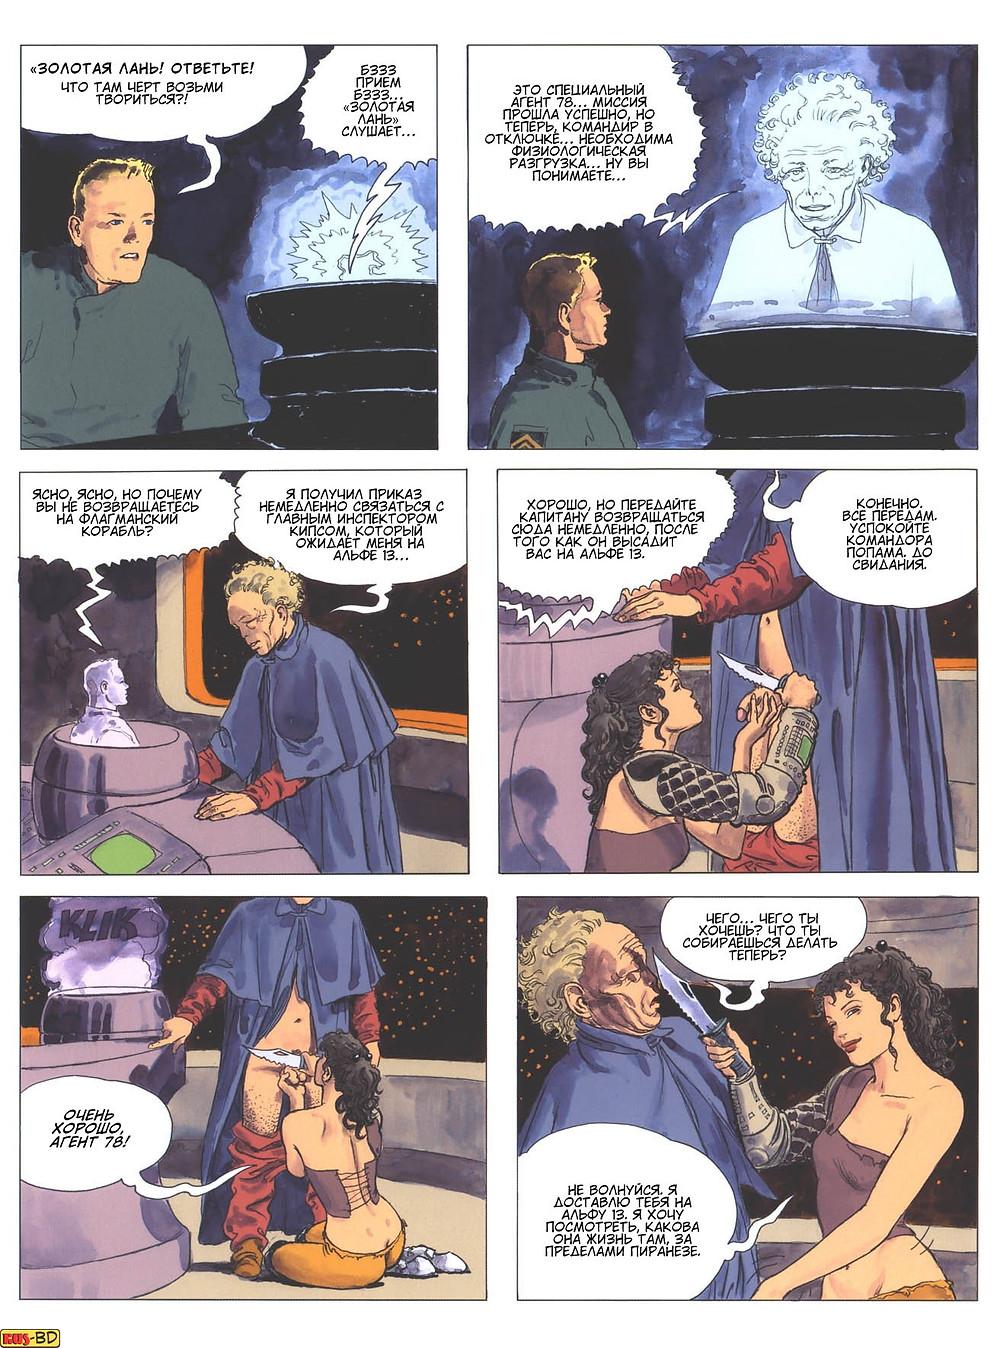 Эротический комикс на русском. Мило Манара. Пиранезе - планета тюрьма. Страница 35